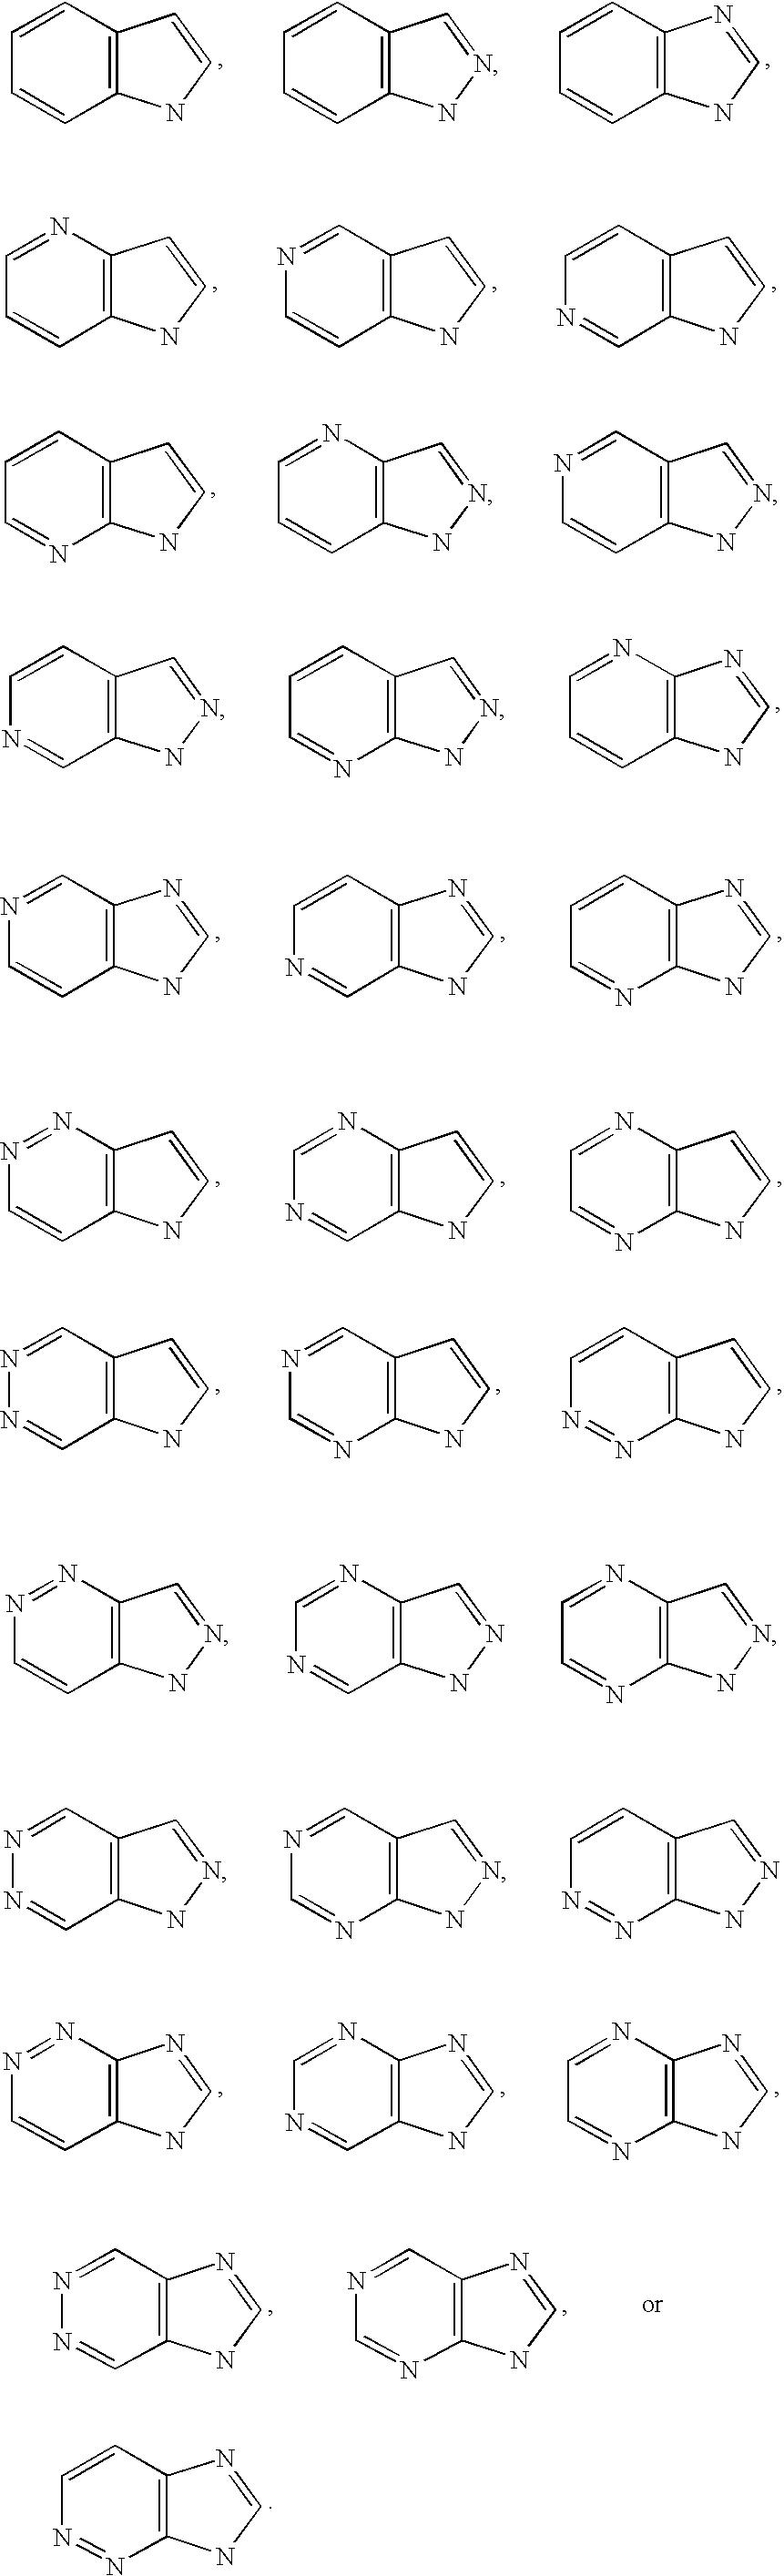 Figure US20060100218A1-20060511-C00017